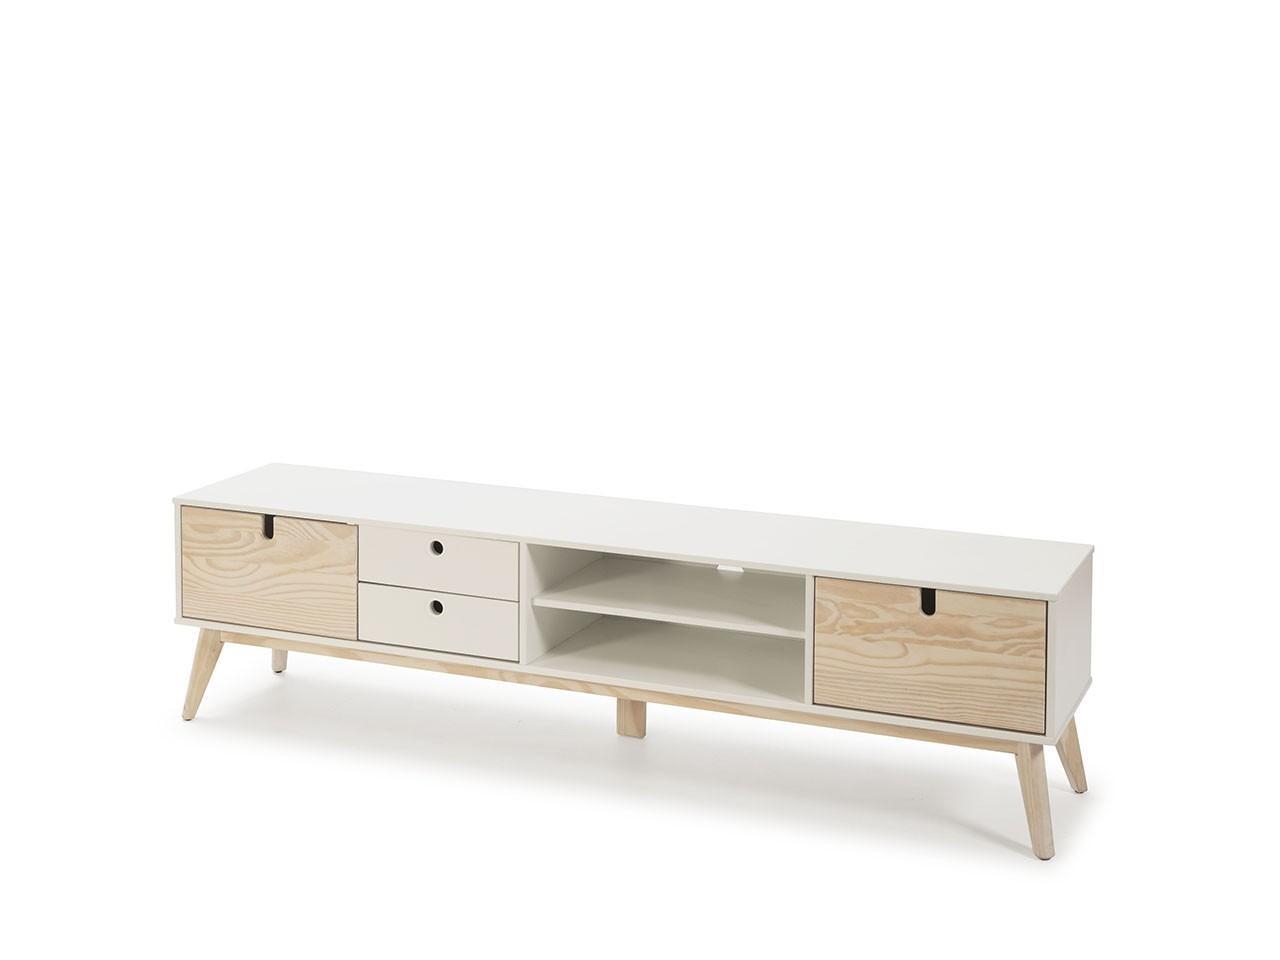 Cocinas Muy Baratas Cheap Cocinas Completas Sofa With Muebles De  # Muebles Muy Baratos